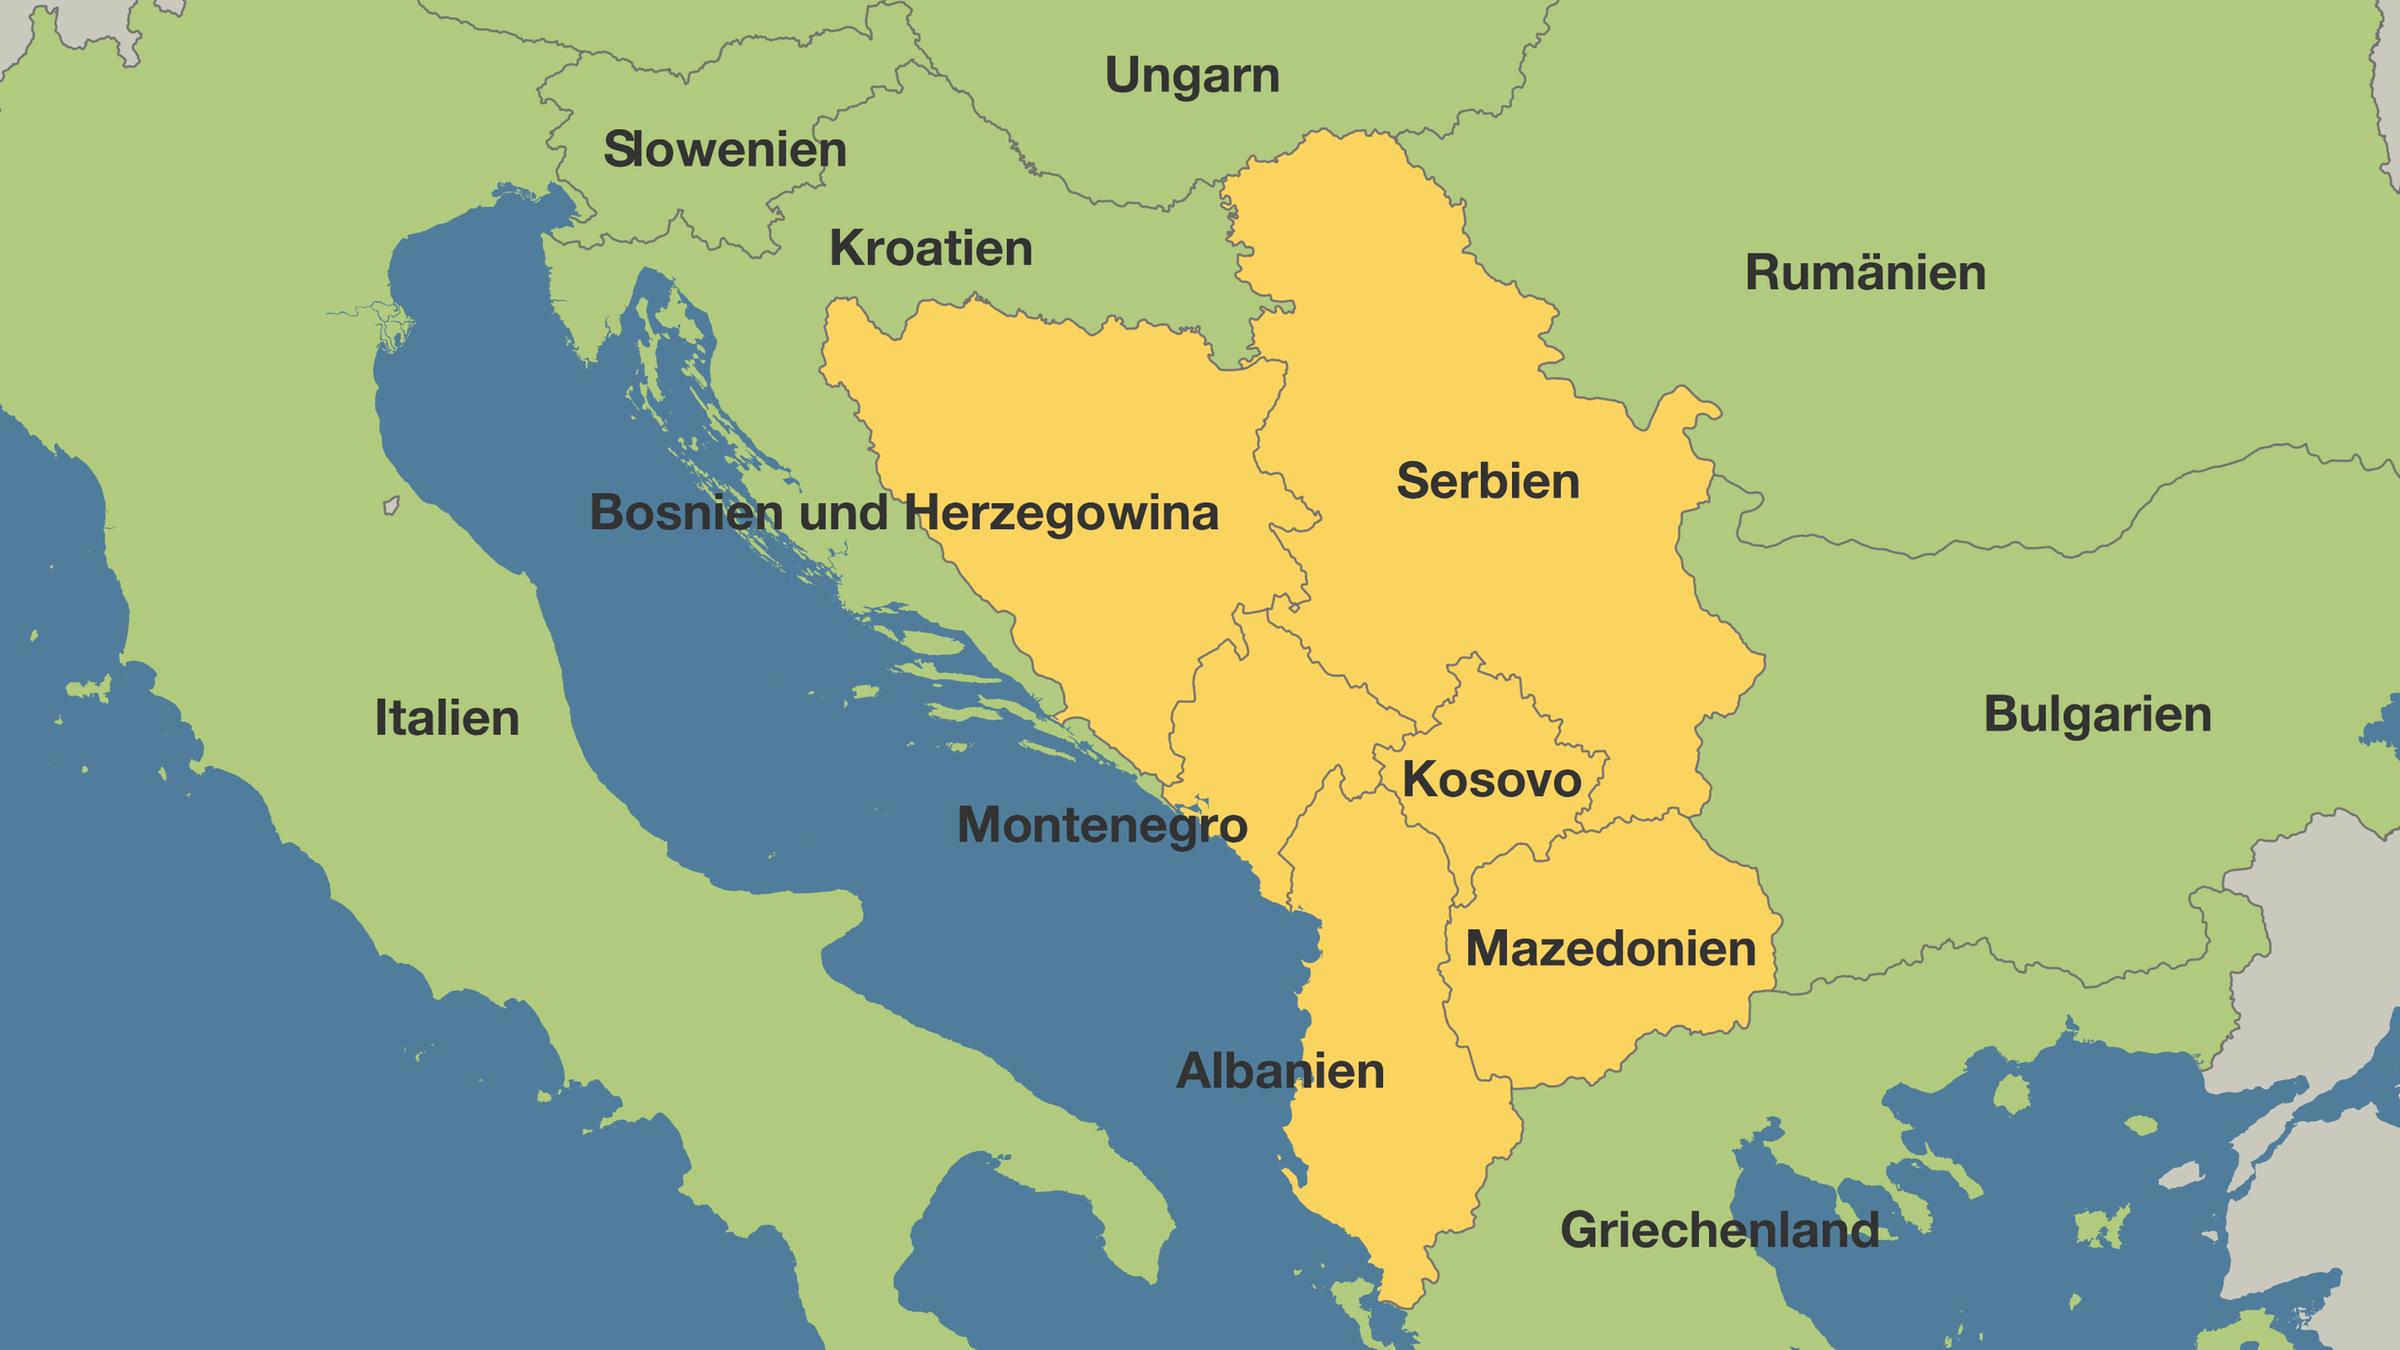 Jugoslawien Karte 2018.Eu Gipfel Soll Schwung Bringen Sechs Balkanstaaten Wollen In Die Eu